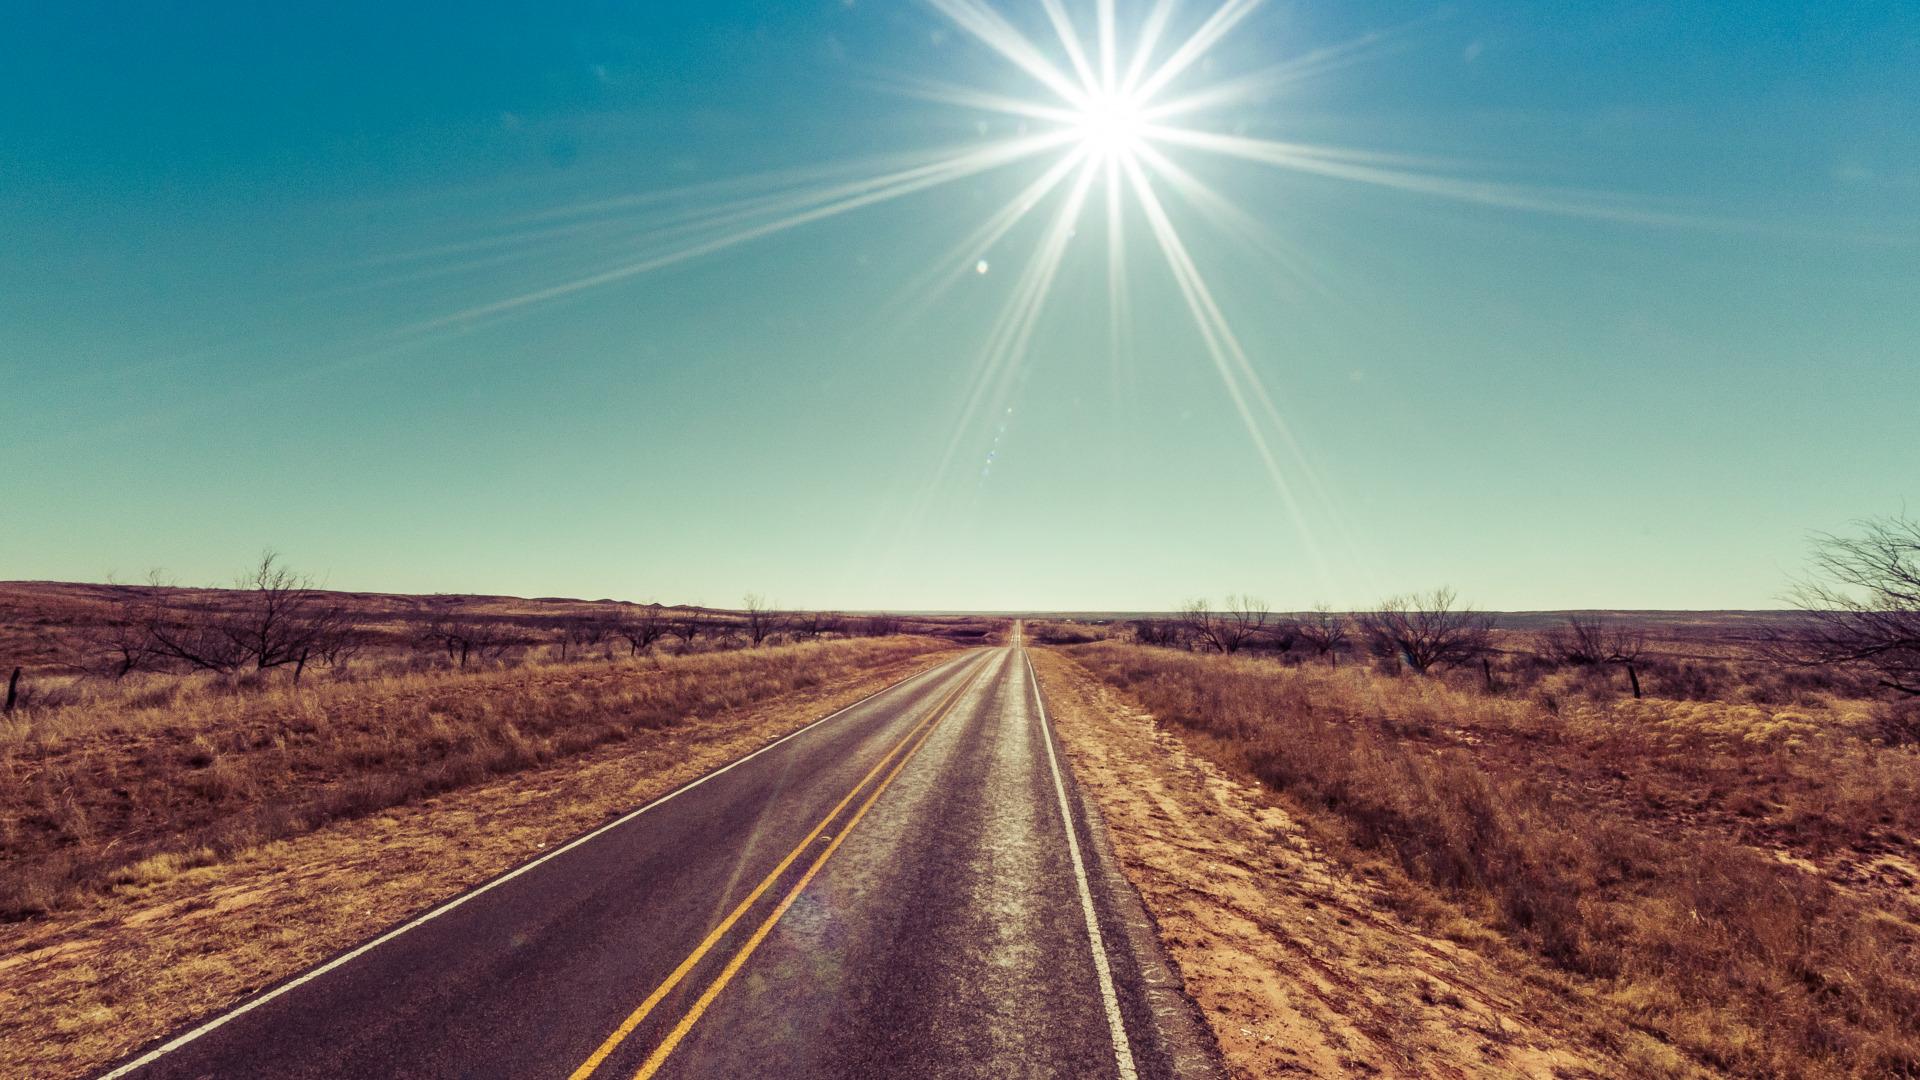 здоровье солнце на дороге картинки много снега